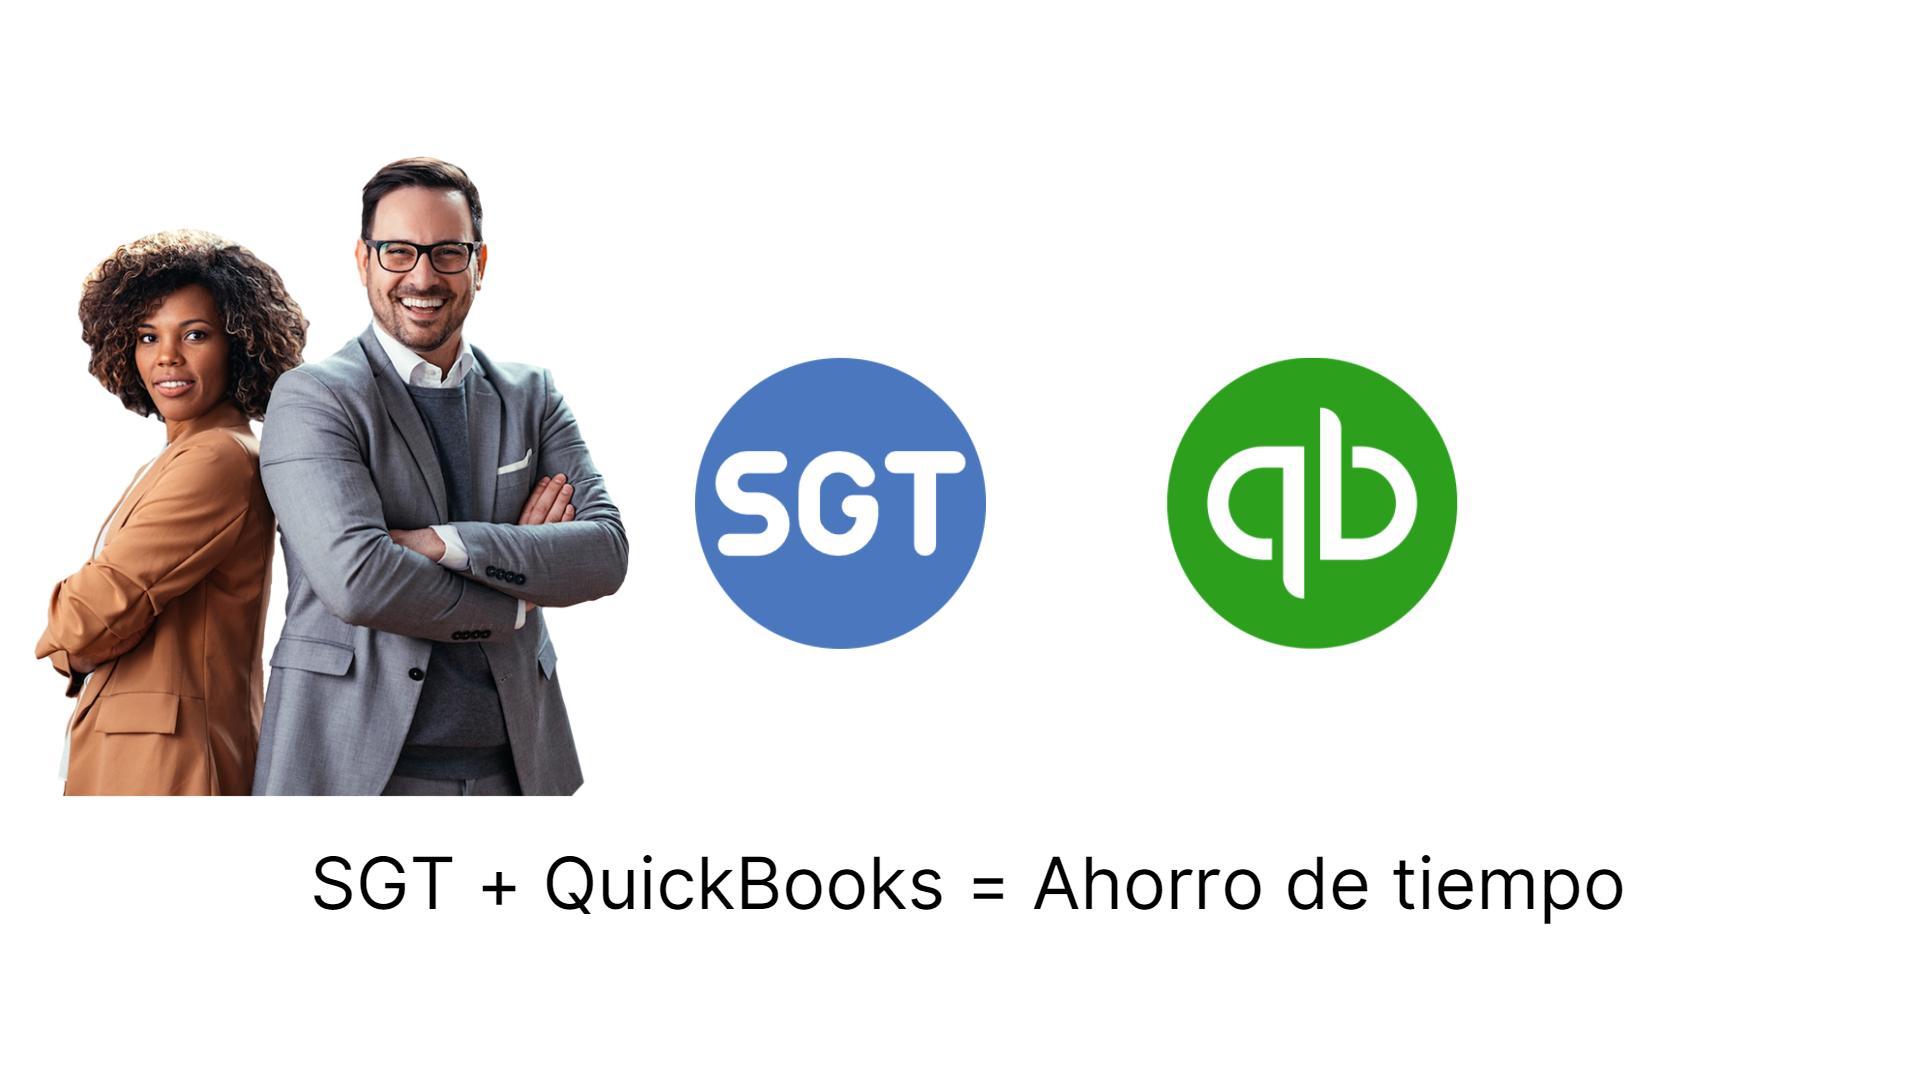 SGT + QuickBooks = Ahorro de tiempo